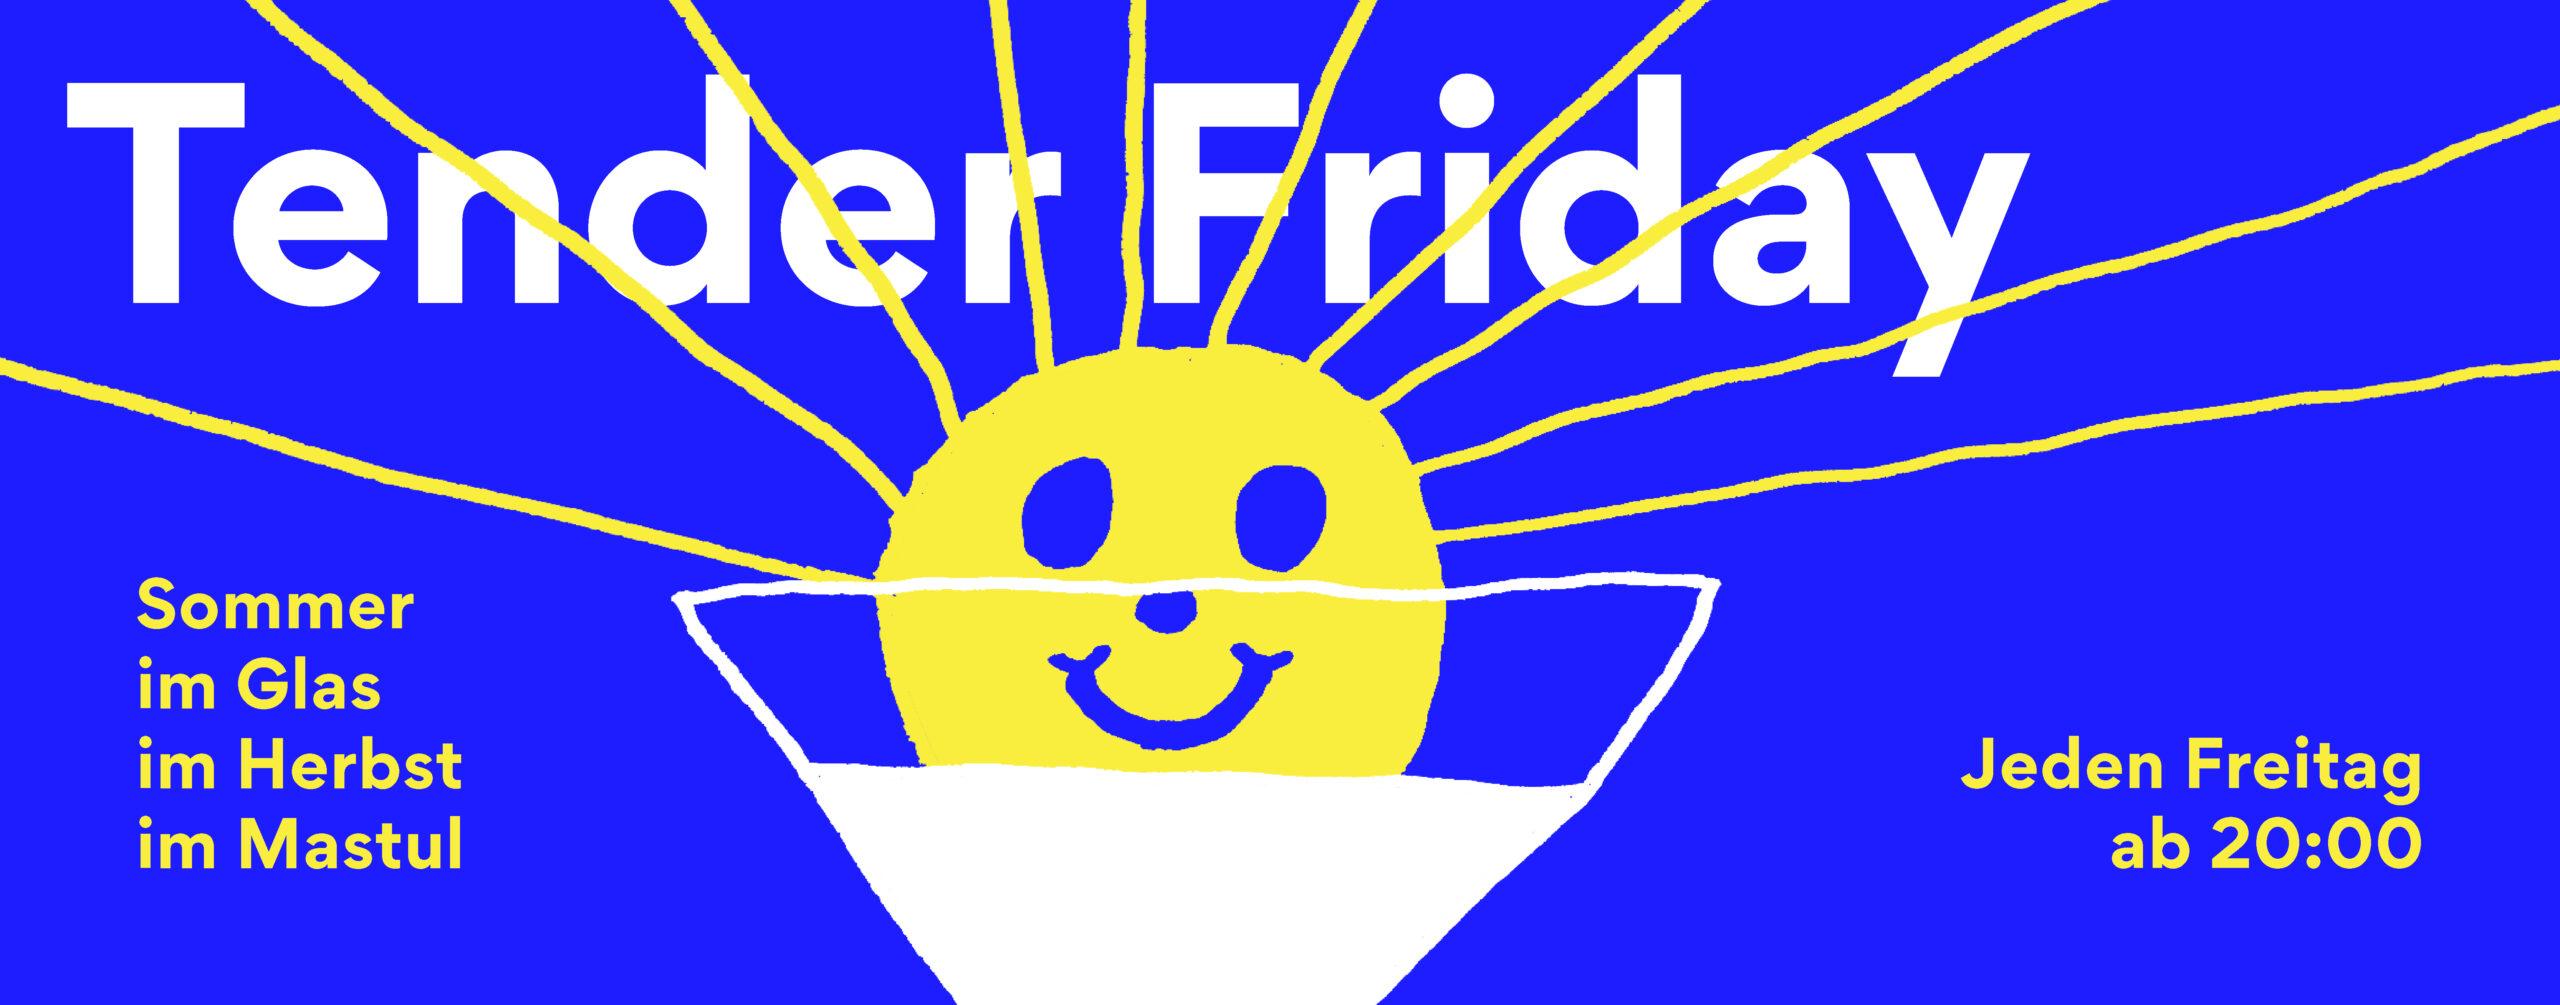 Tender Friday, sweet drinks, sweet people